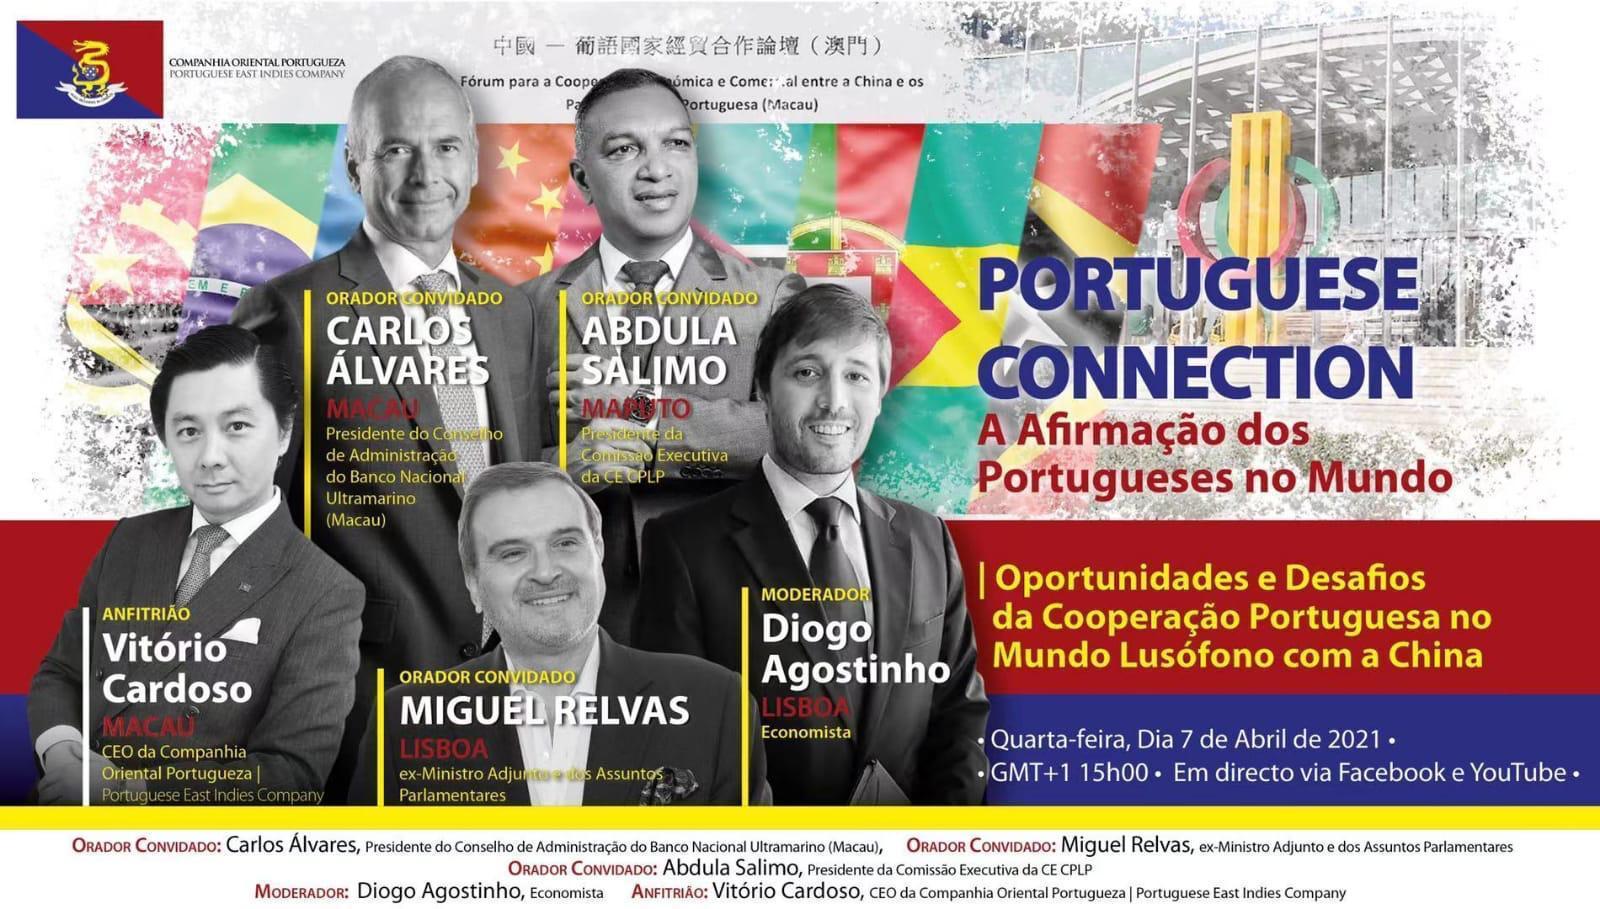 Evento sobre Lusofonia promove-se com referência ao Fórum Macau